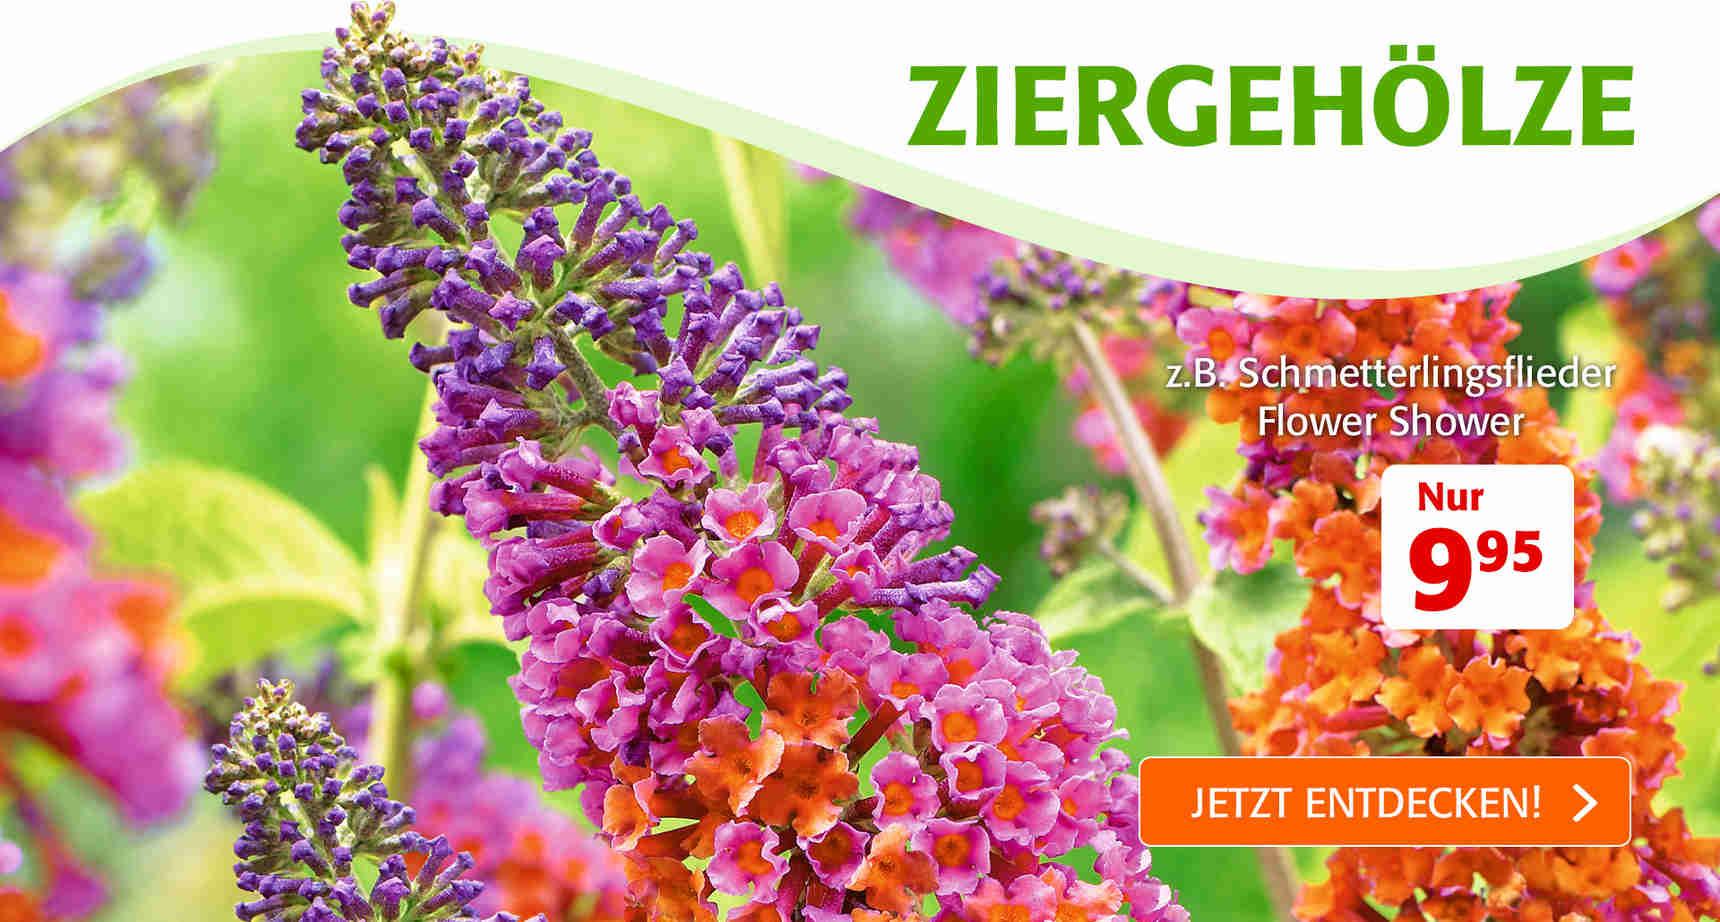 +++ (1) Ziergehoelze +++ - 1